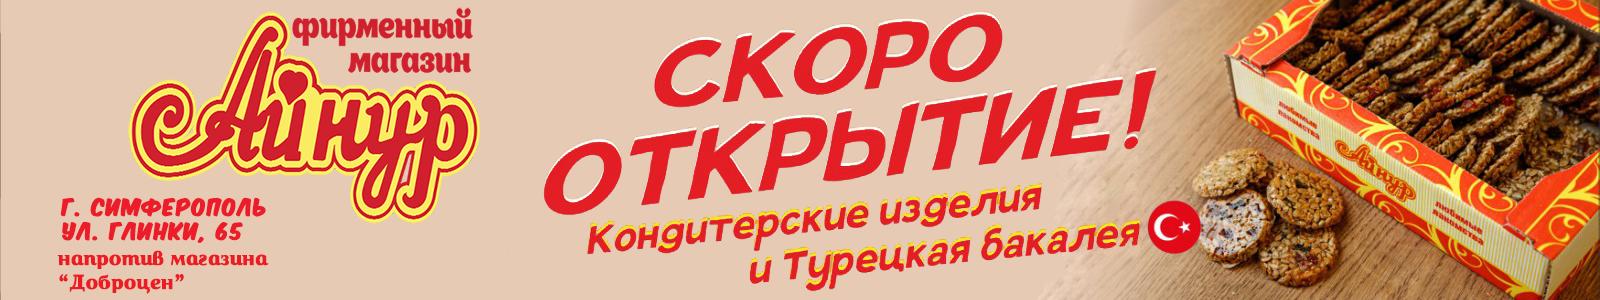 Скоро открытие нового магазина Айнур в г. Симферополе по ул. Глинки, 56